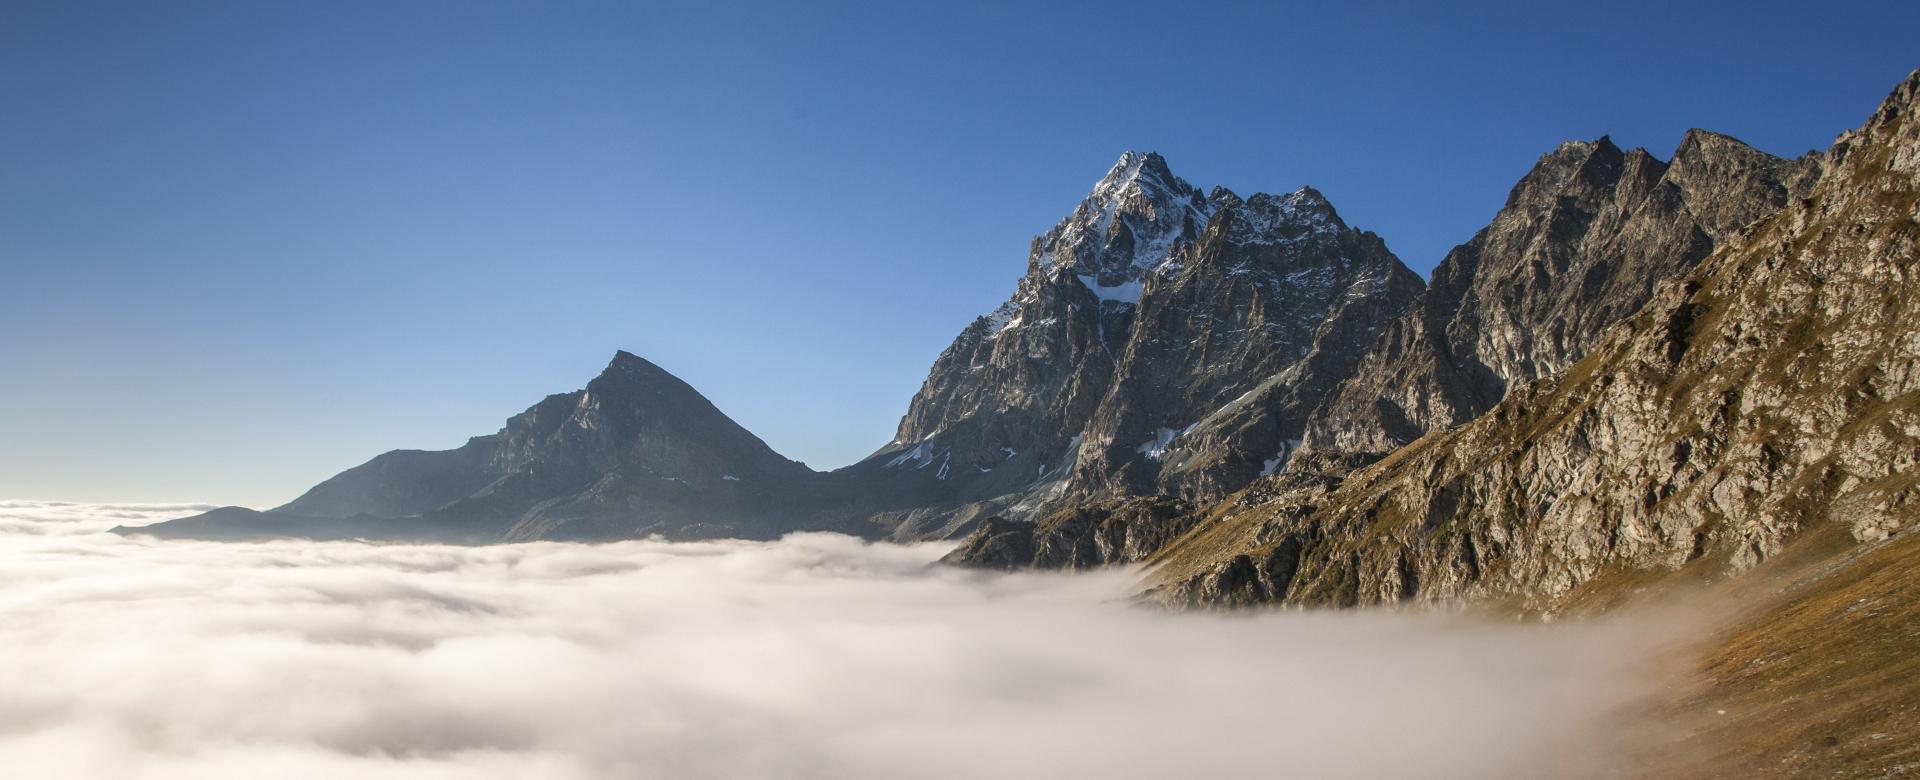 Voyage à pied : Le tour du viso 6 jours